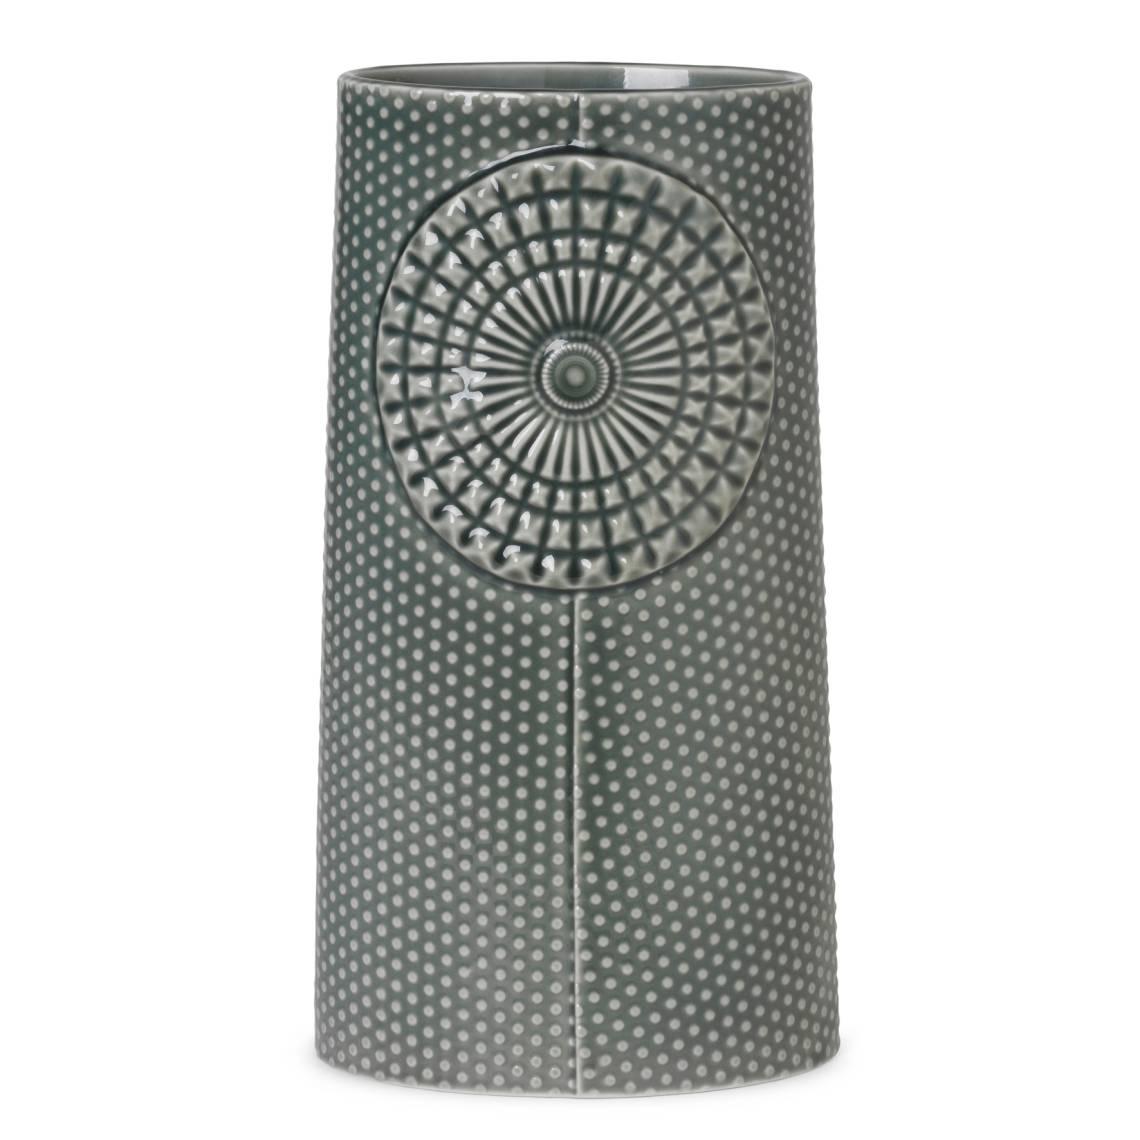 Dottir-Vase-Large-Dark-grey-11152